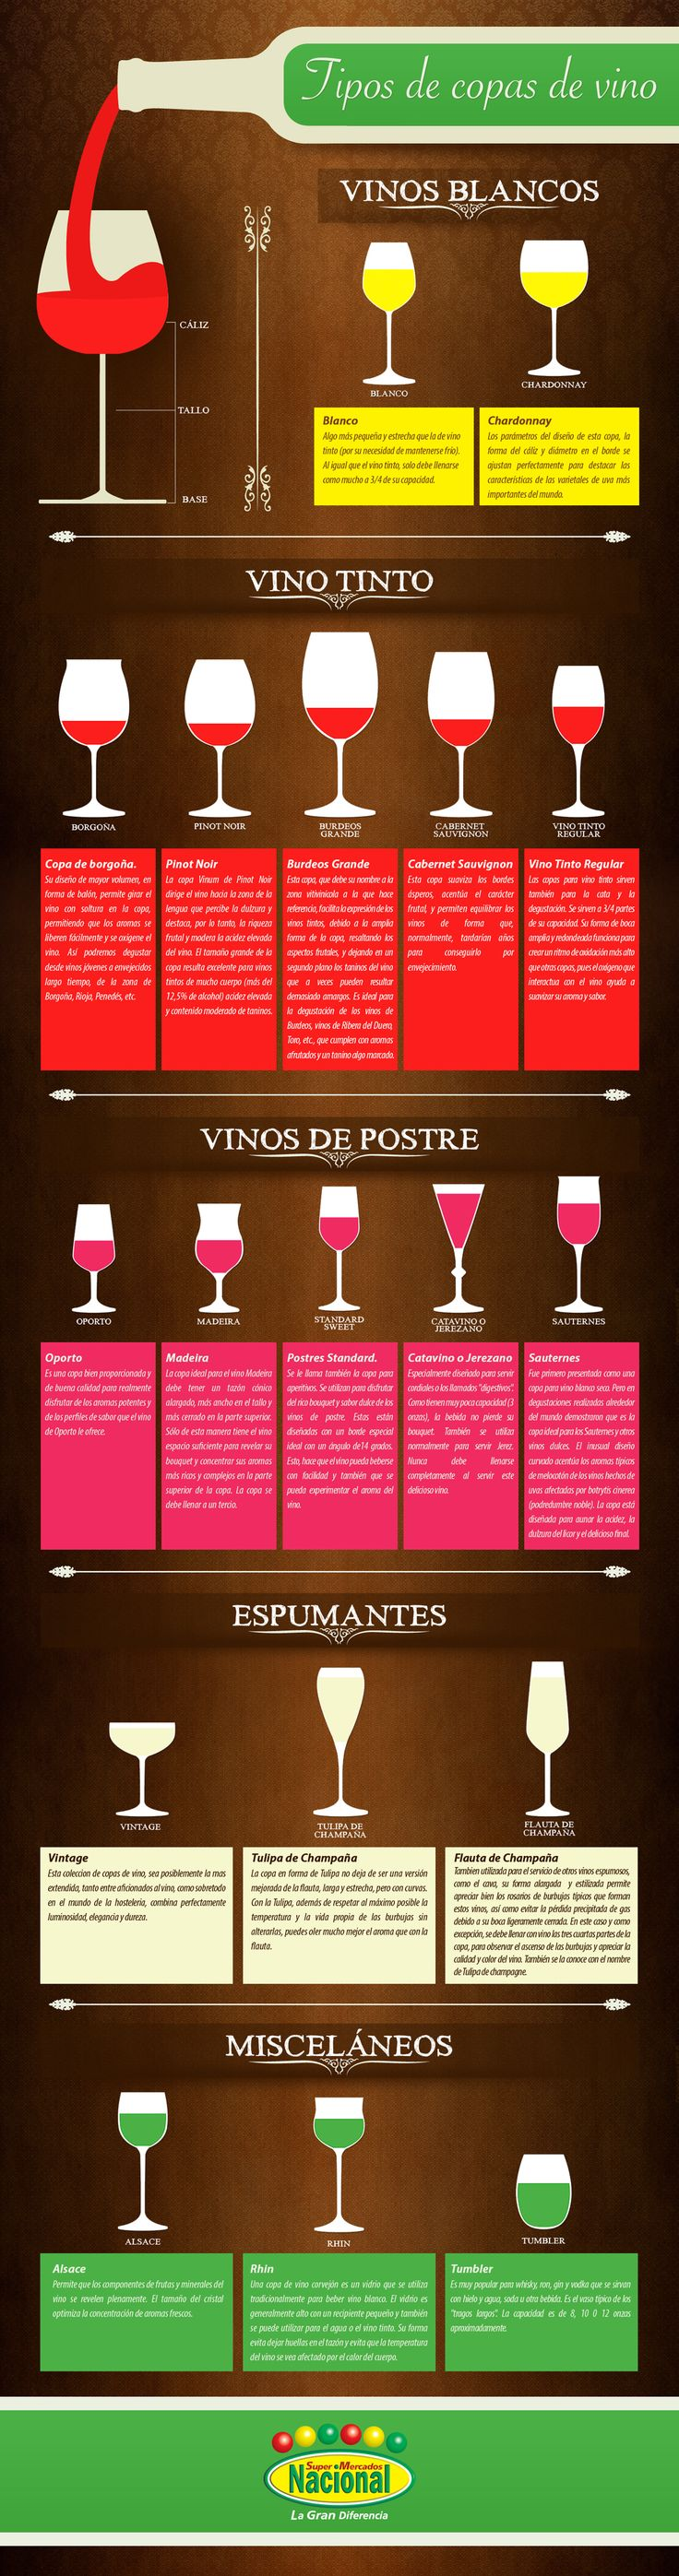 Conoce los tipos de copas de vinos. Más